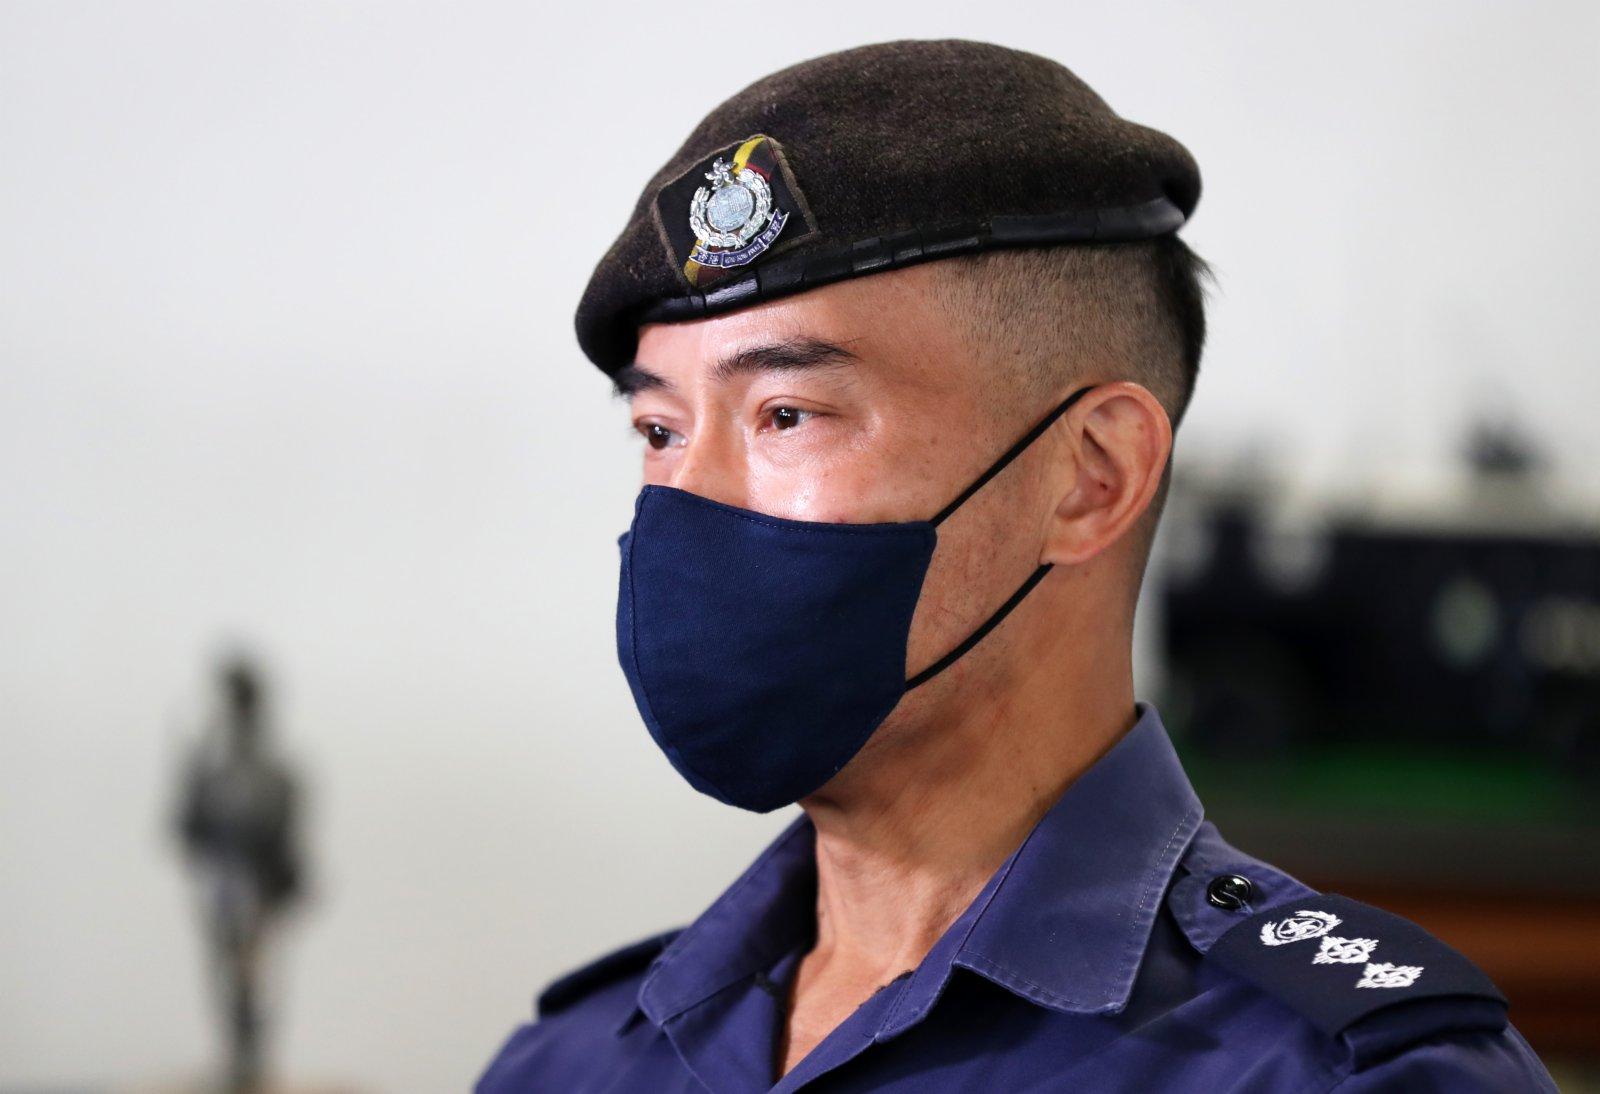 香港警務處警察機動部隊總部校長陳健國接受採訪。(新華社)